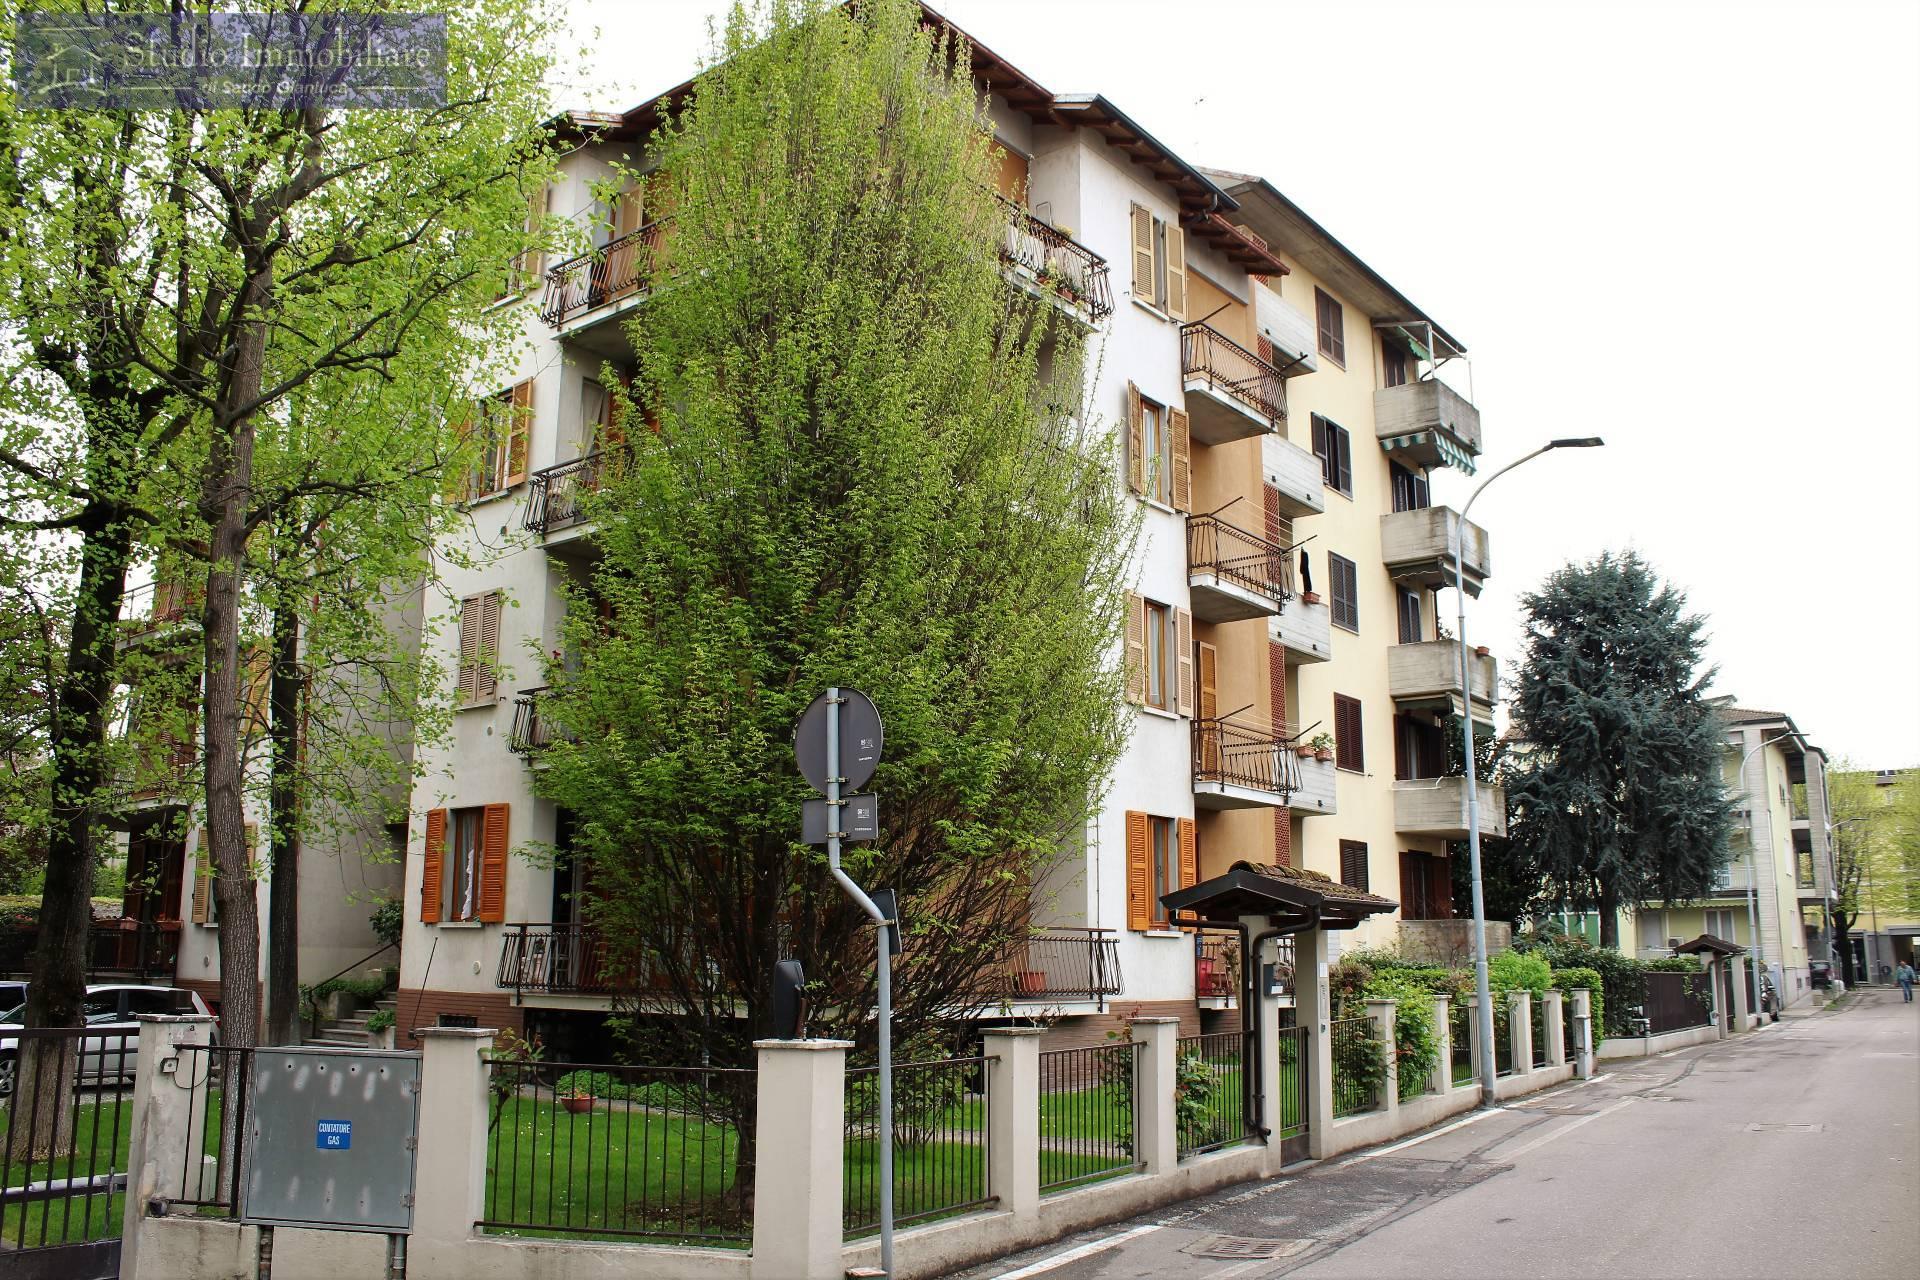 Appartamento in vendita a Casteggio, 3 locali, prezzo € 88.000 | CambioCasa.it